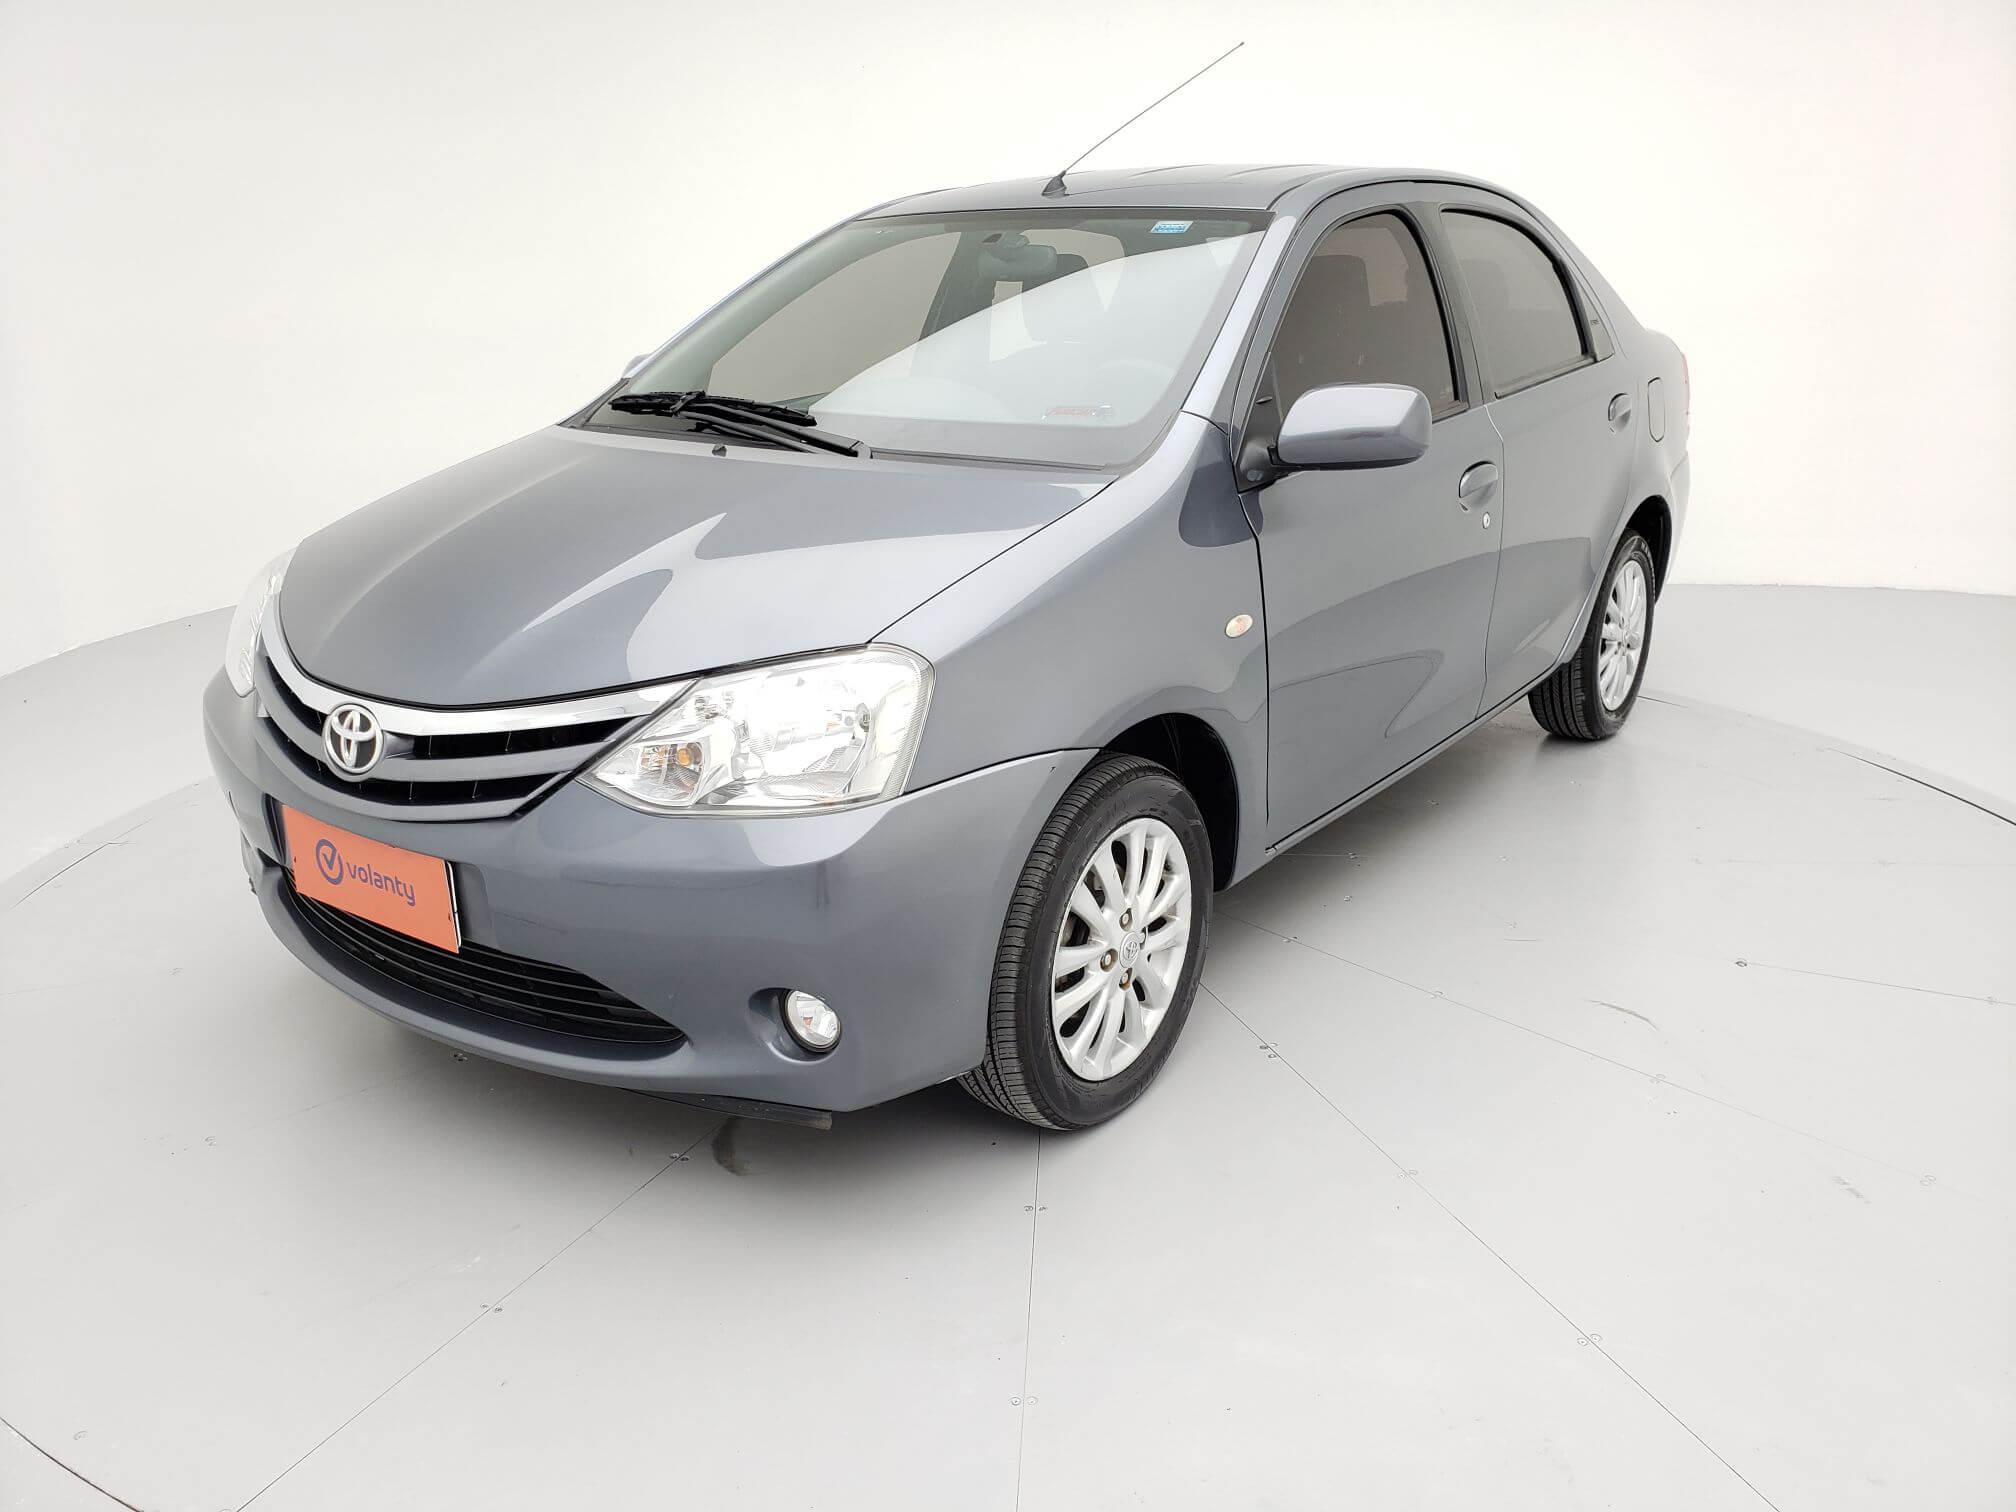 Imagem do Toyota Etios